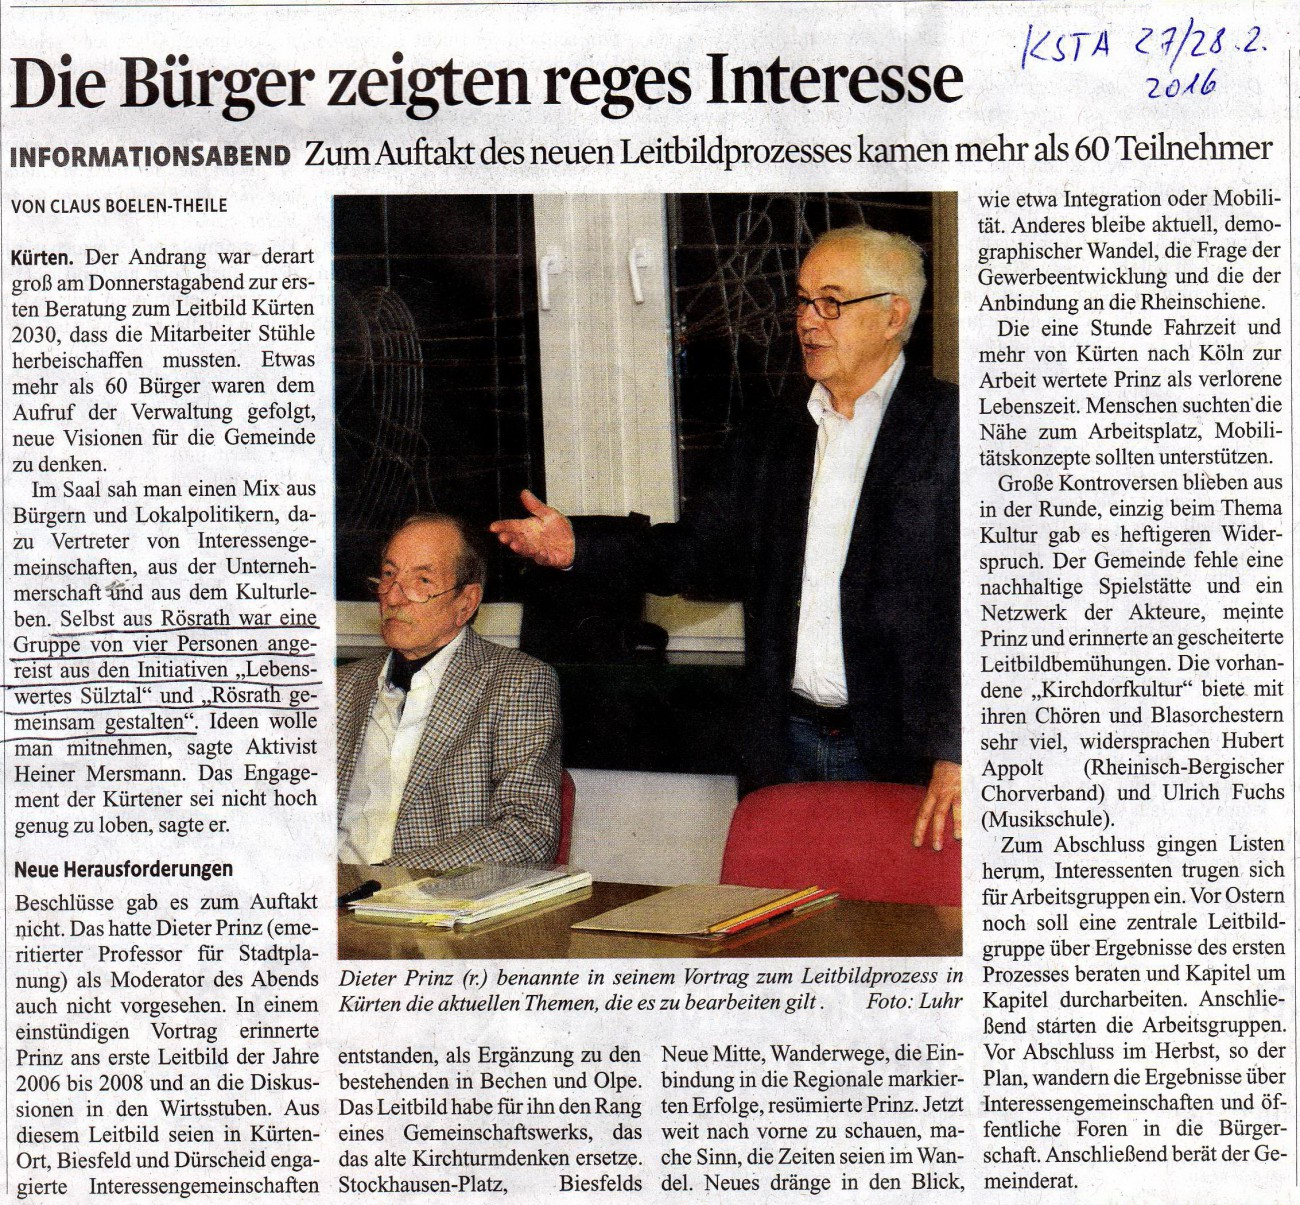 Auftaktveranstaltung in Kürten vom 25.02.2016